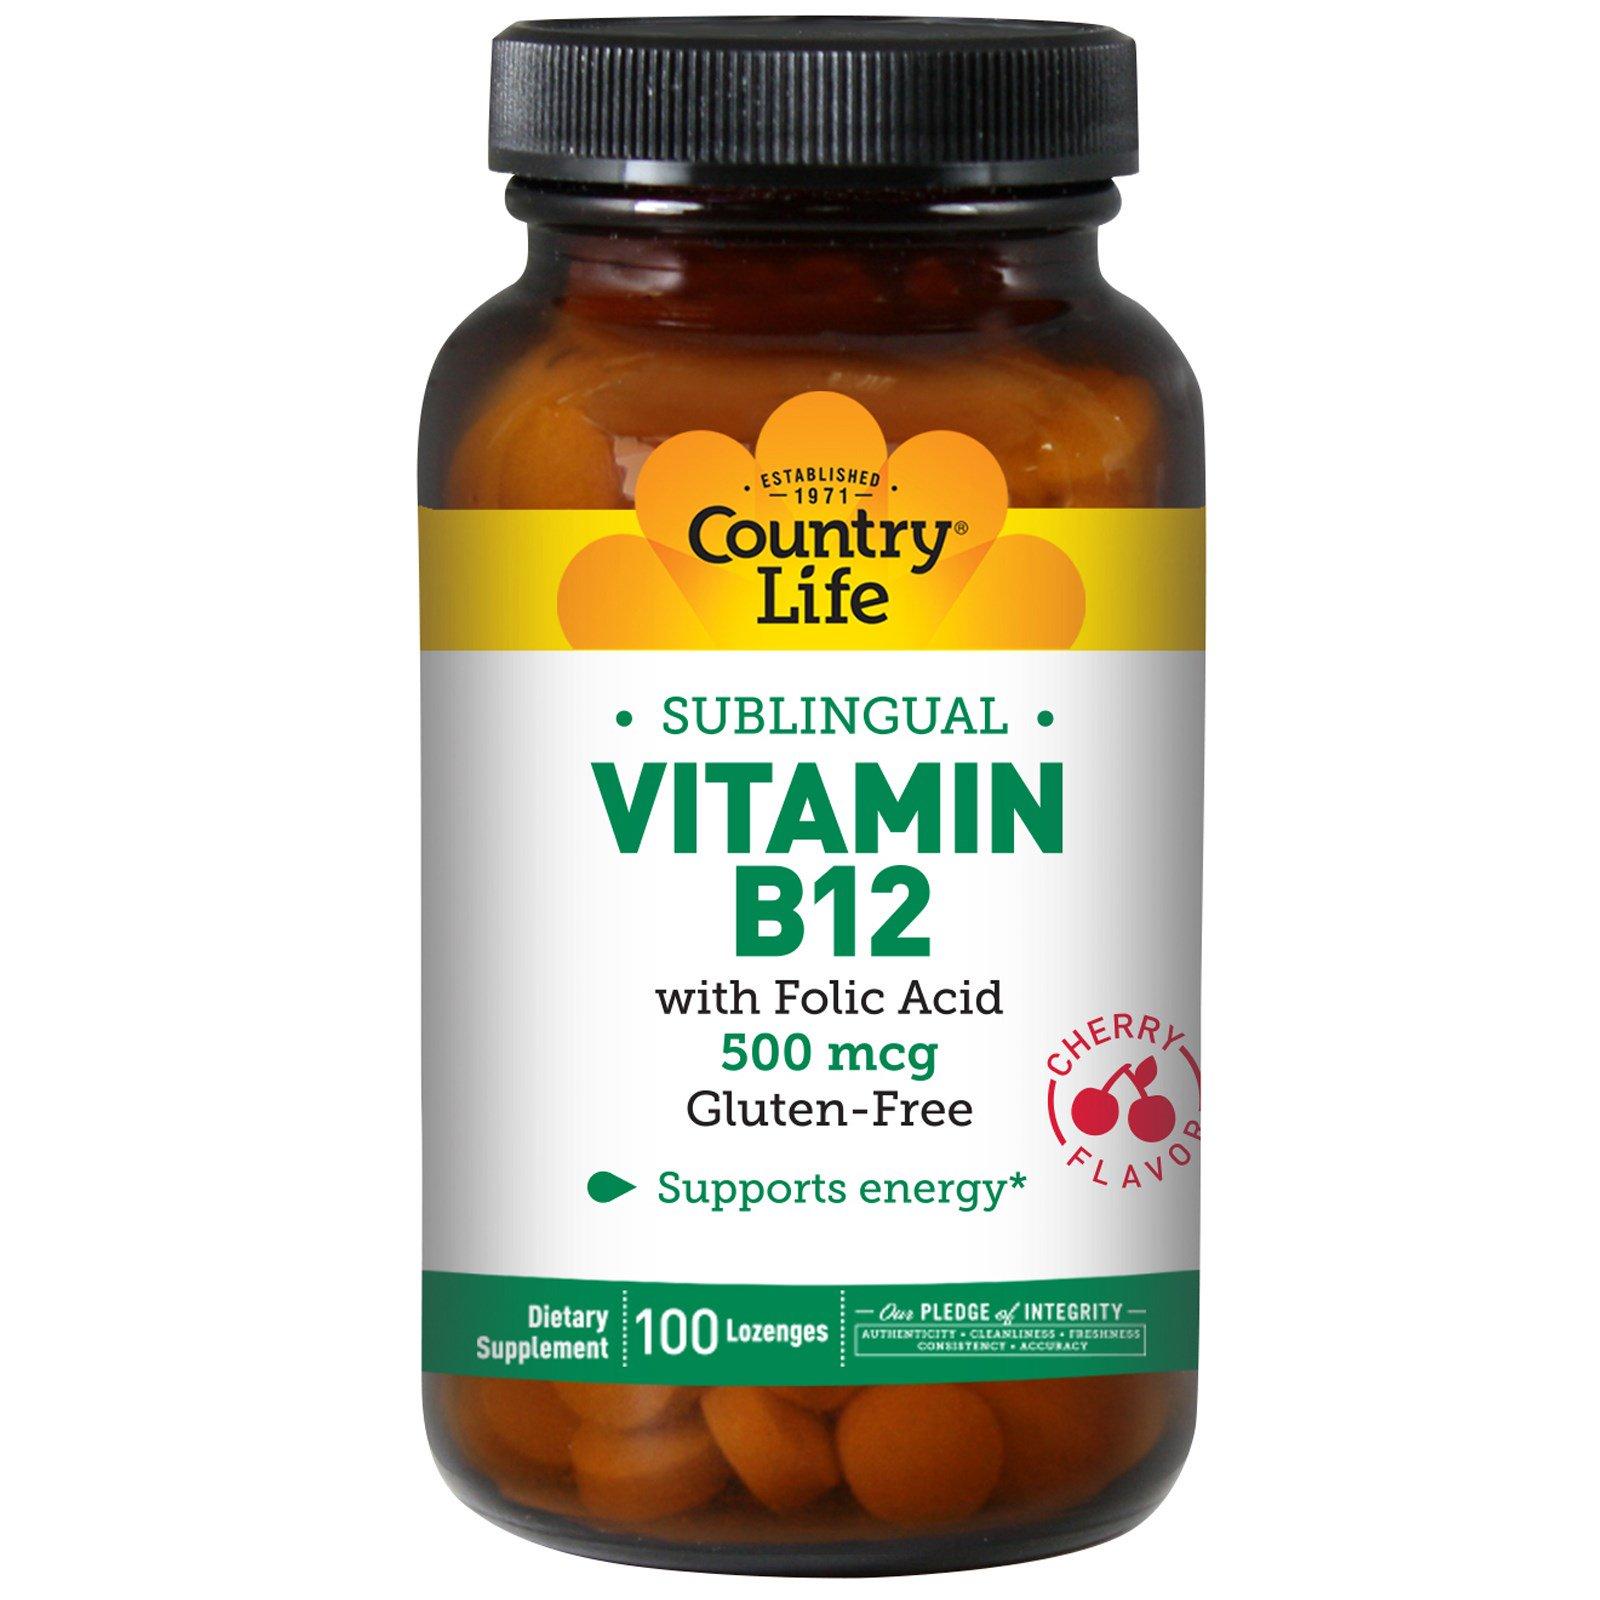 Country Life, Витамин B12, подъязычный, вишневый аромат, 500 мкг, 100 леденцов